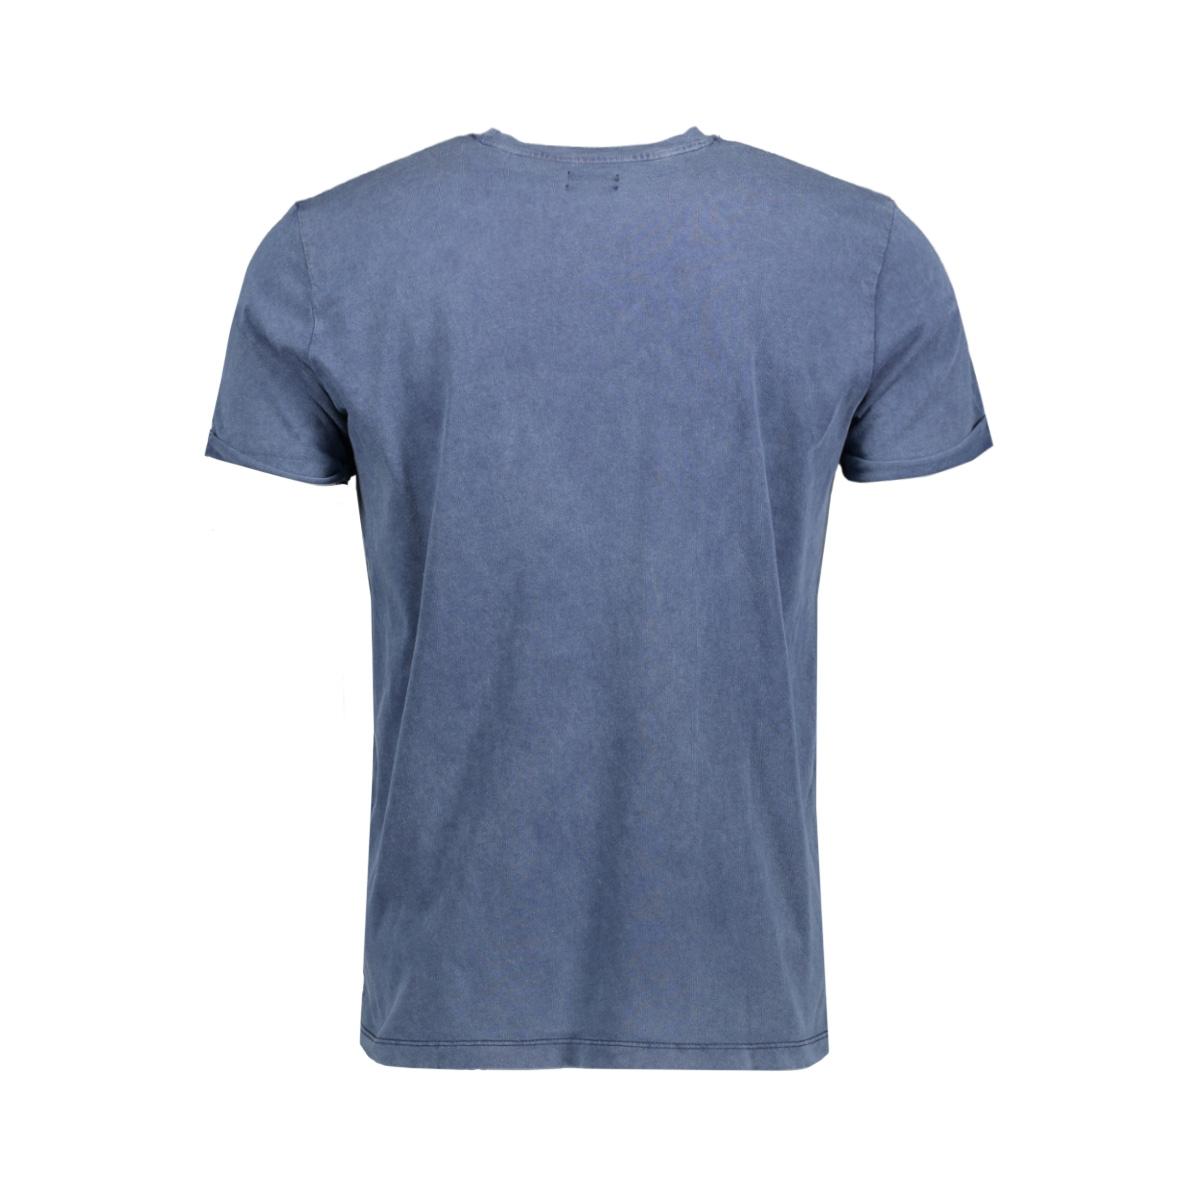 087ee2k035 esprit t-shirt e400